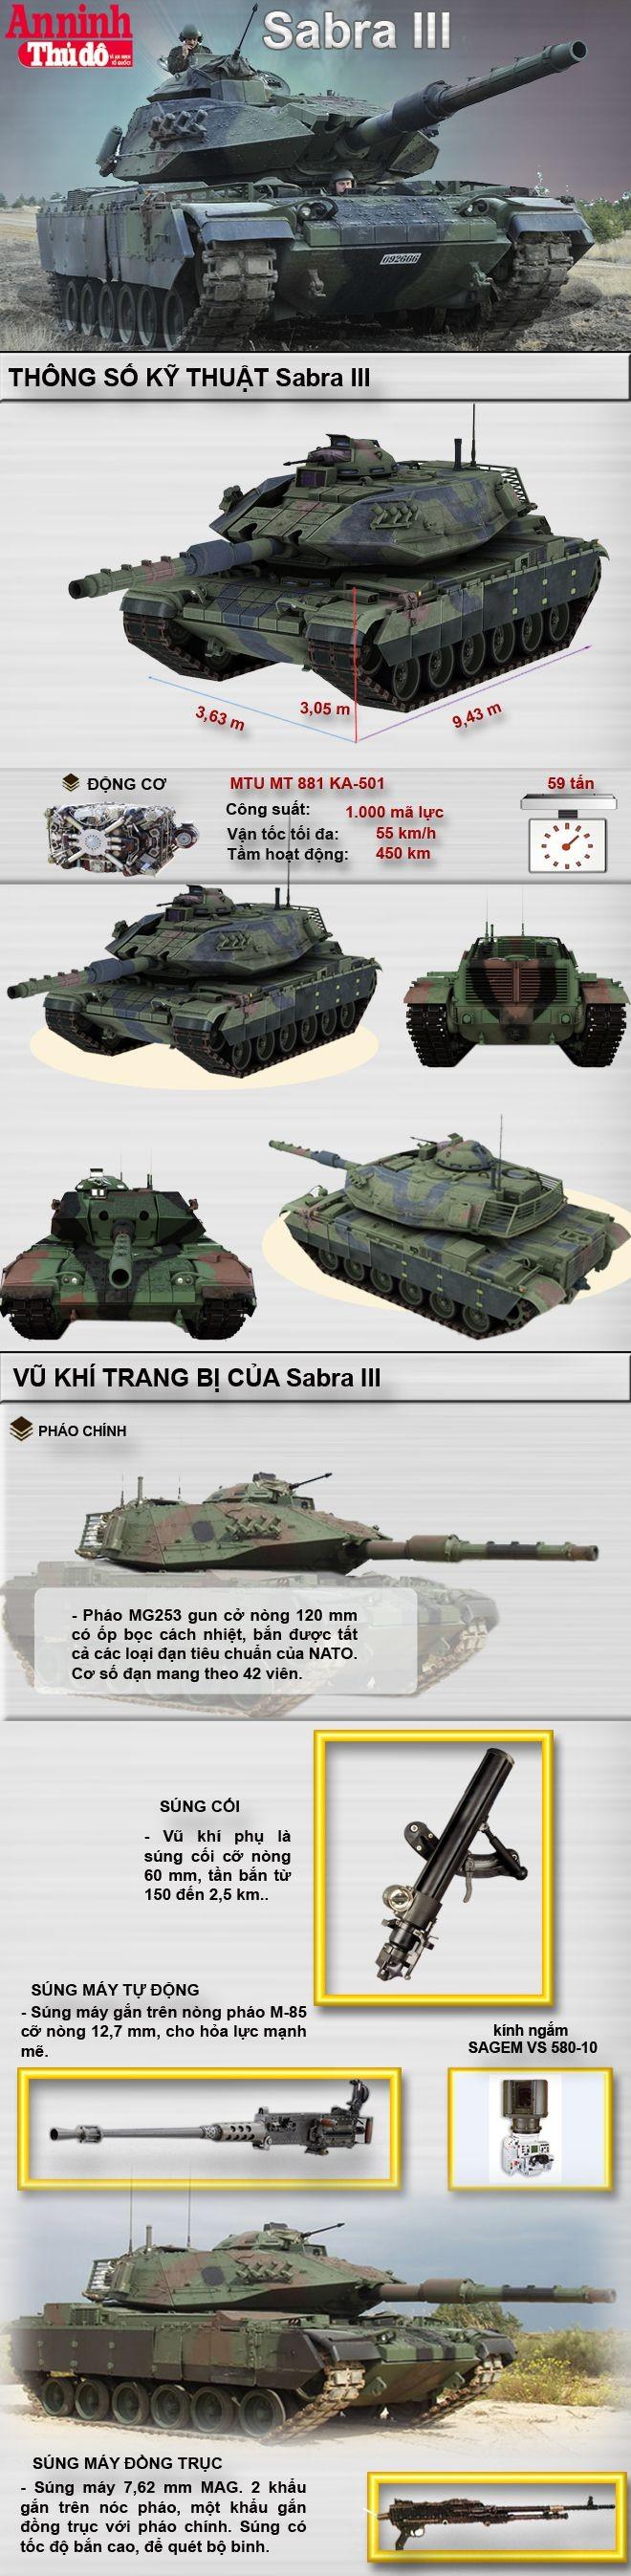 [Infographic] Sabra III - Biến thể mạnh nhất khi nâng cấp tăng M48/M60 ảnh 1